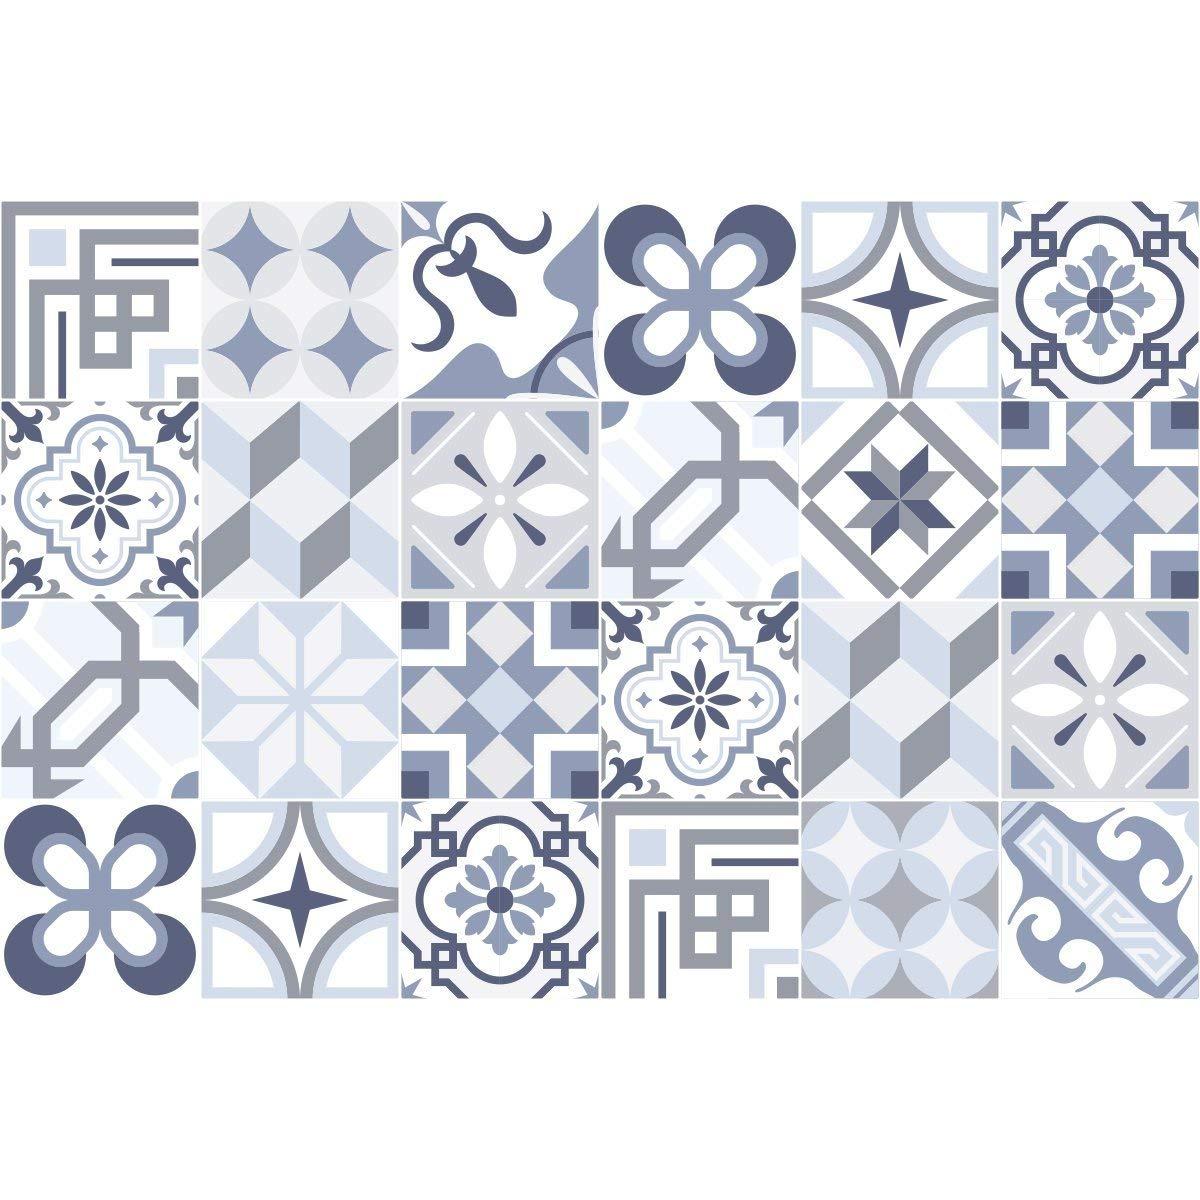 20/x 20/cm Ambiance-Live Piastrelle adesive per Parete,/Tipo azulejos,/Dimensioni Imitazione Cemento 24/Pezzi